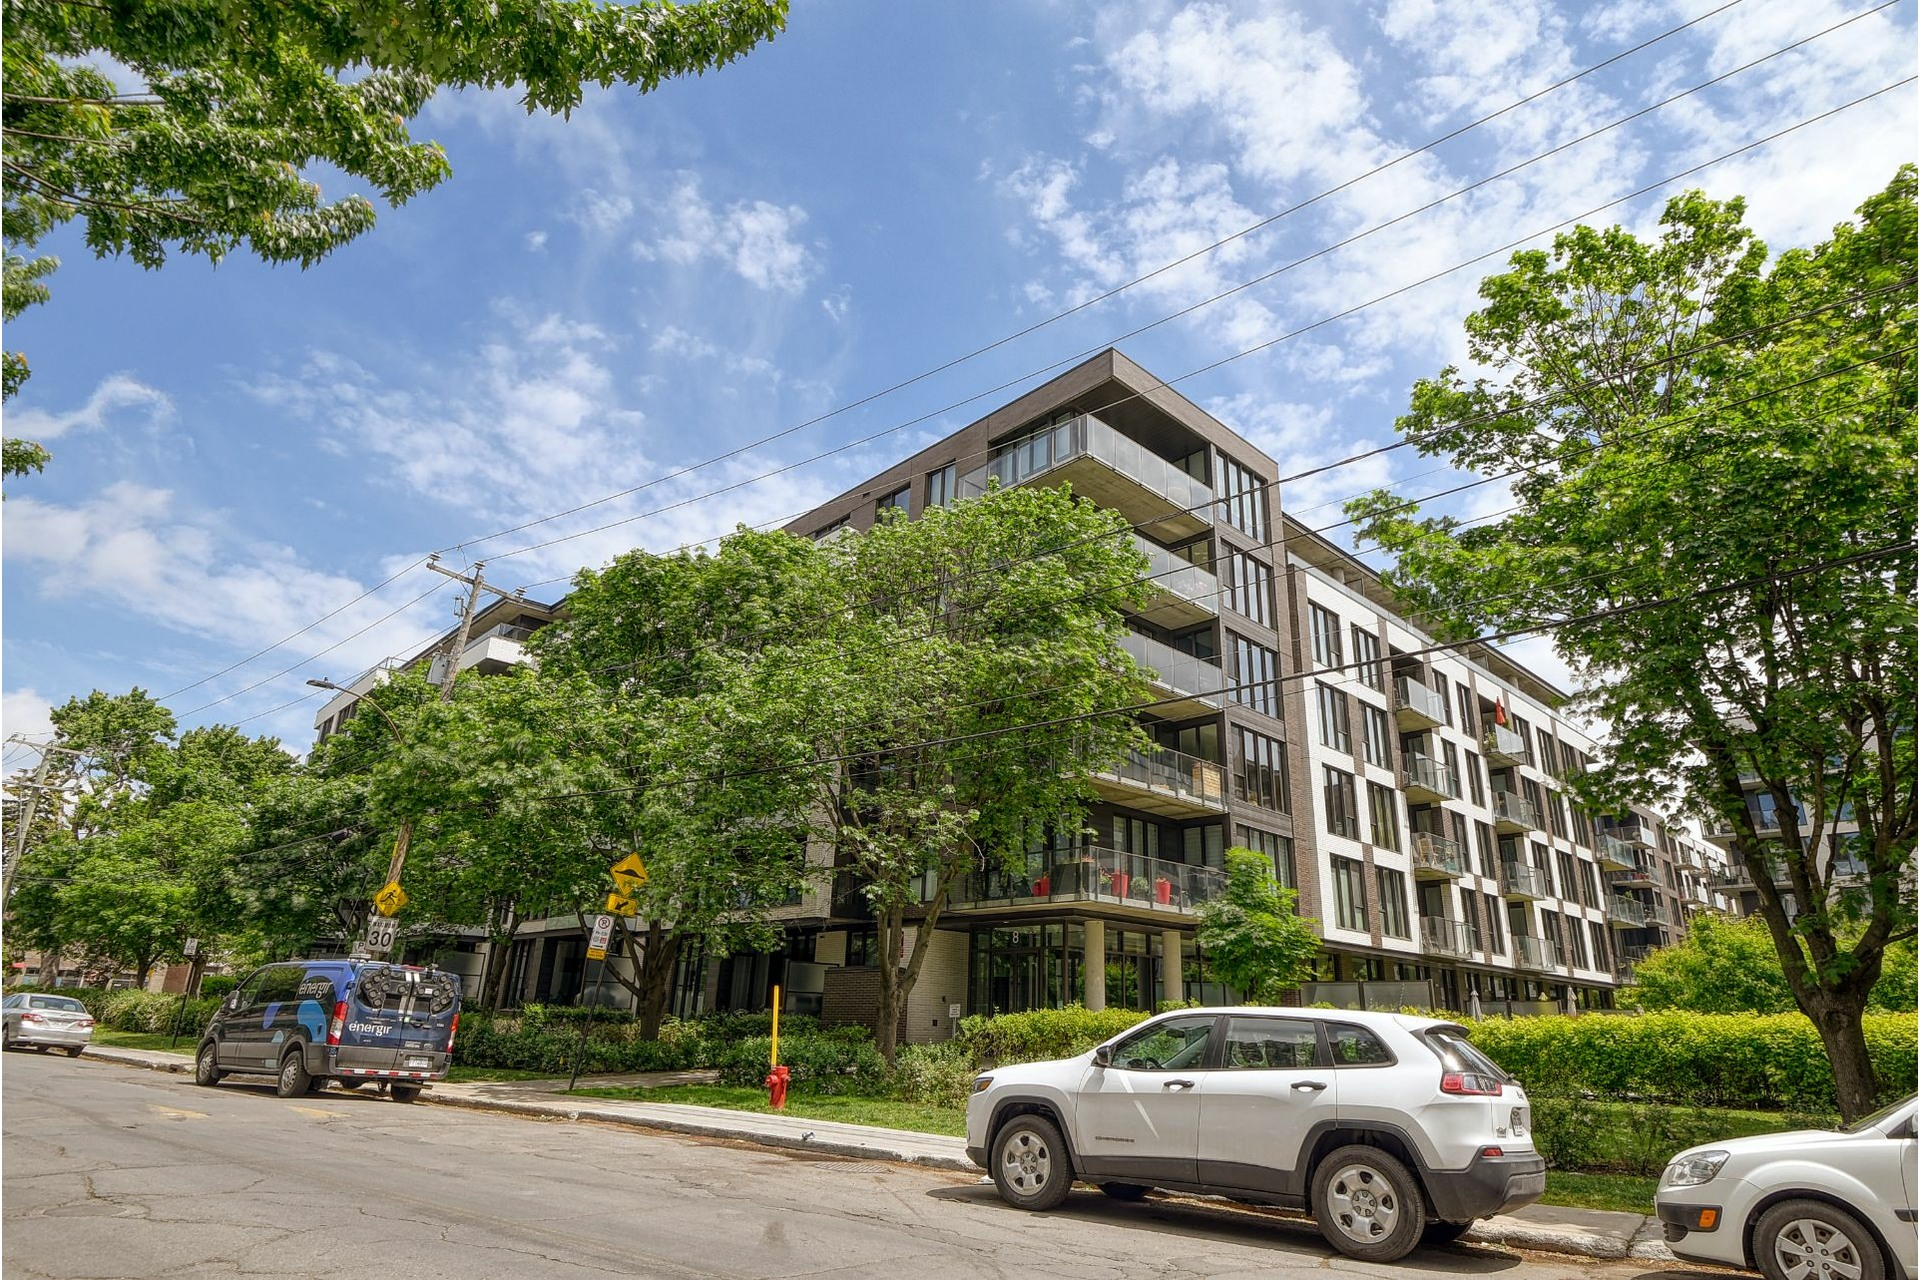 image 26 - Appartement À vendre Villeray/Saint-Michel/Parc-Extension Montréal  - 5 pièces